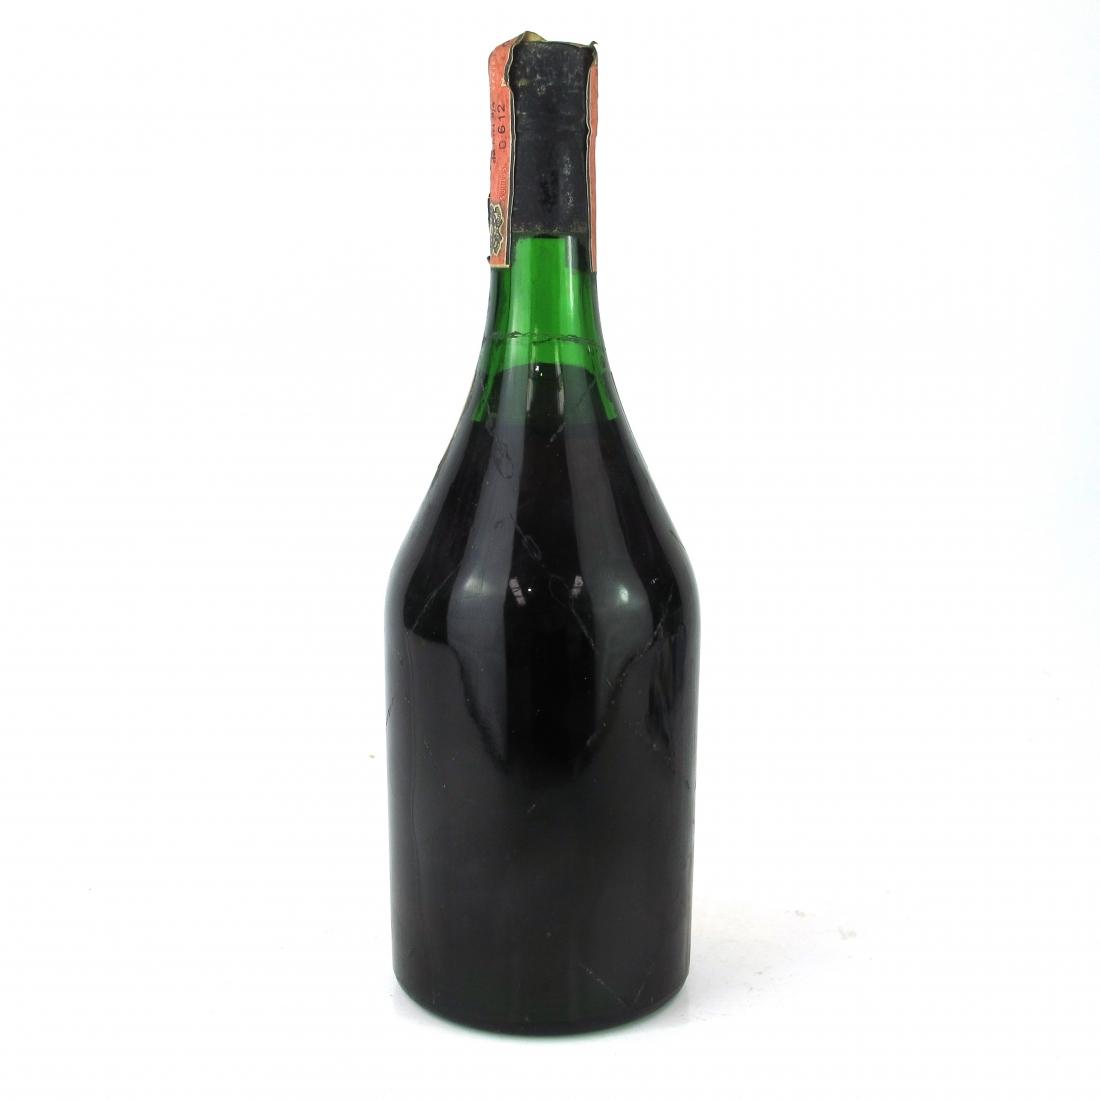 Delamain Selection Grande Champagne Cognac 73cl 1970s